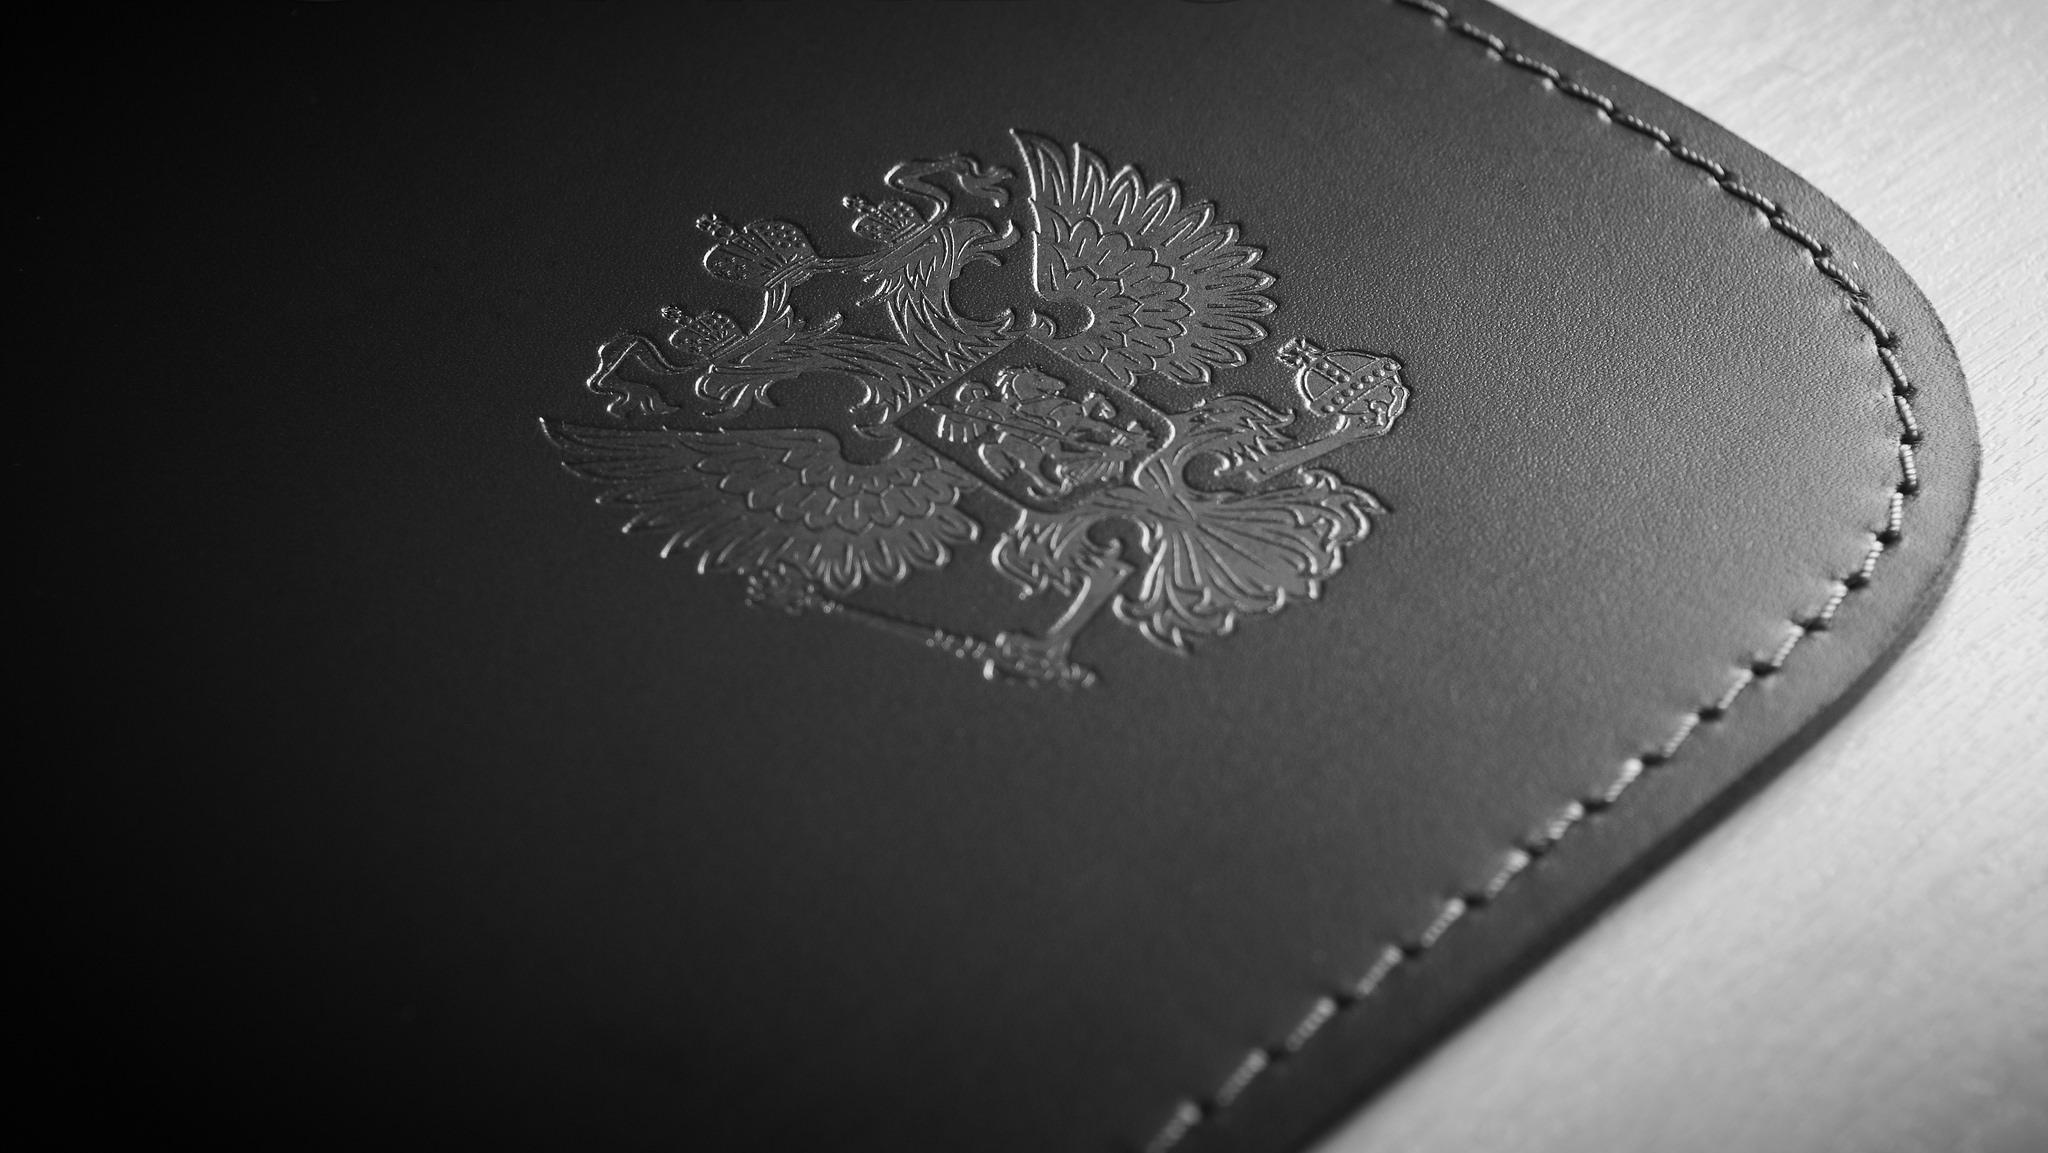 Тиснение Герб России на бюваре. Приблизительный размер 70*80 мм.